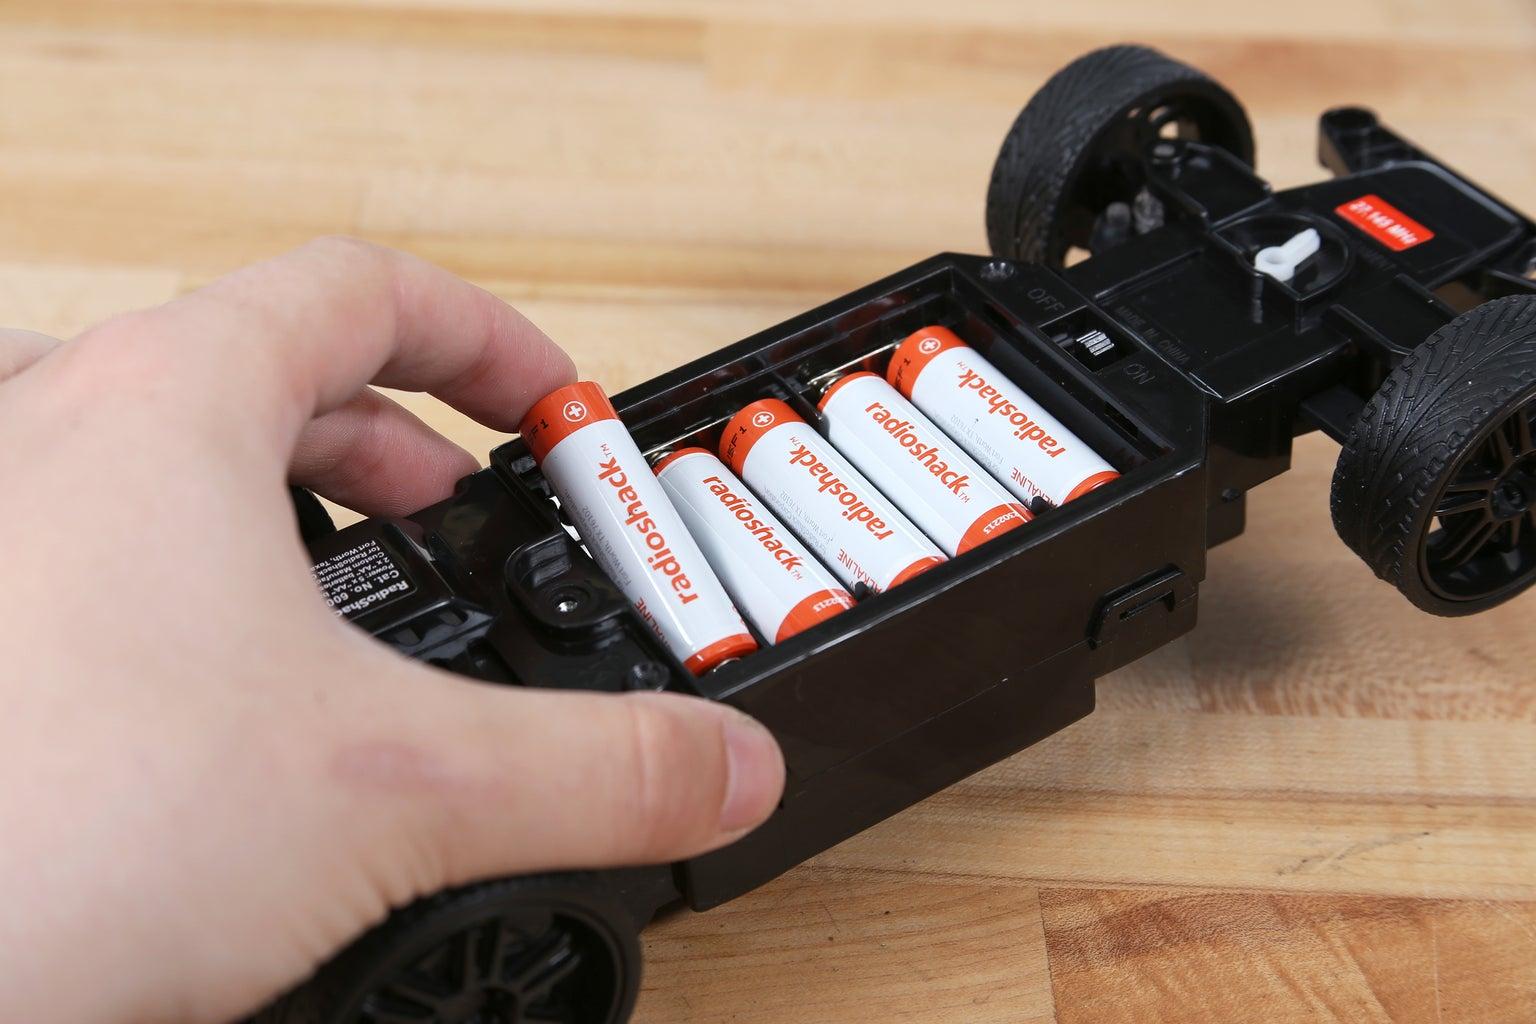 Batteries and Zip Tie